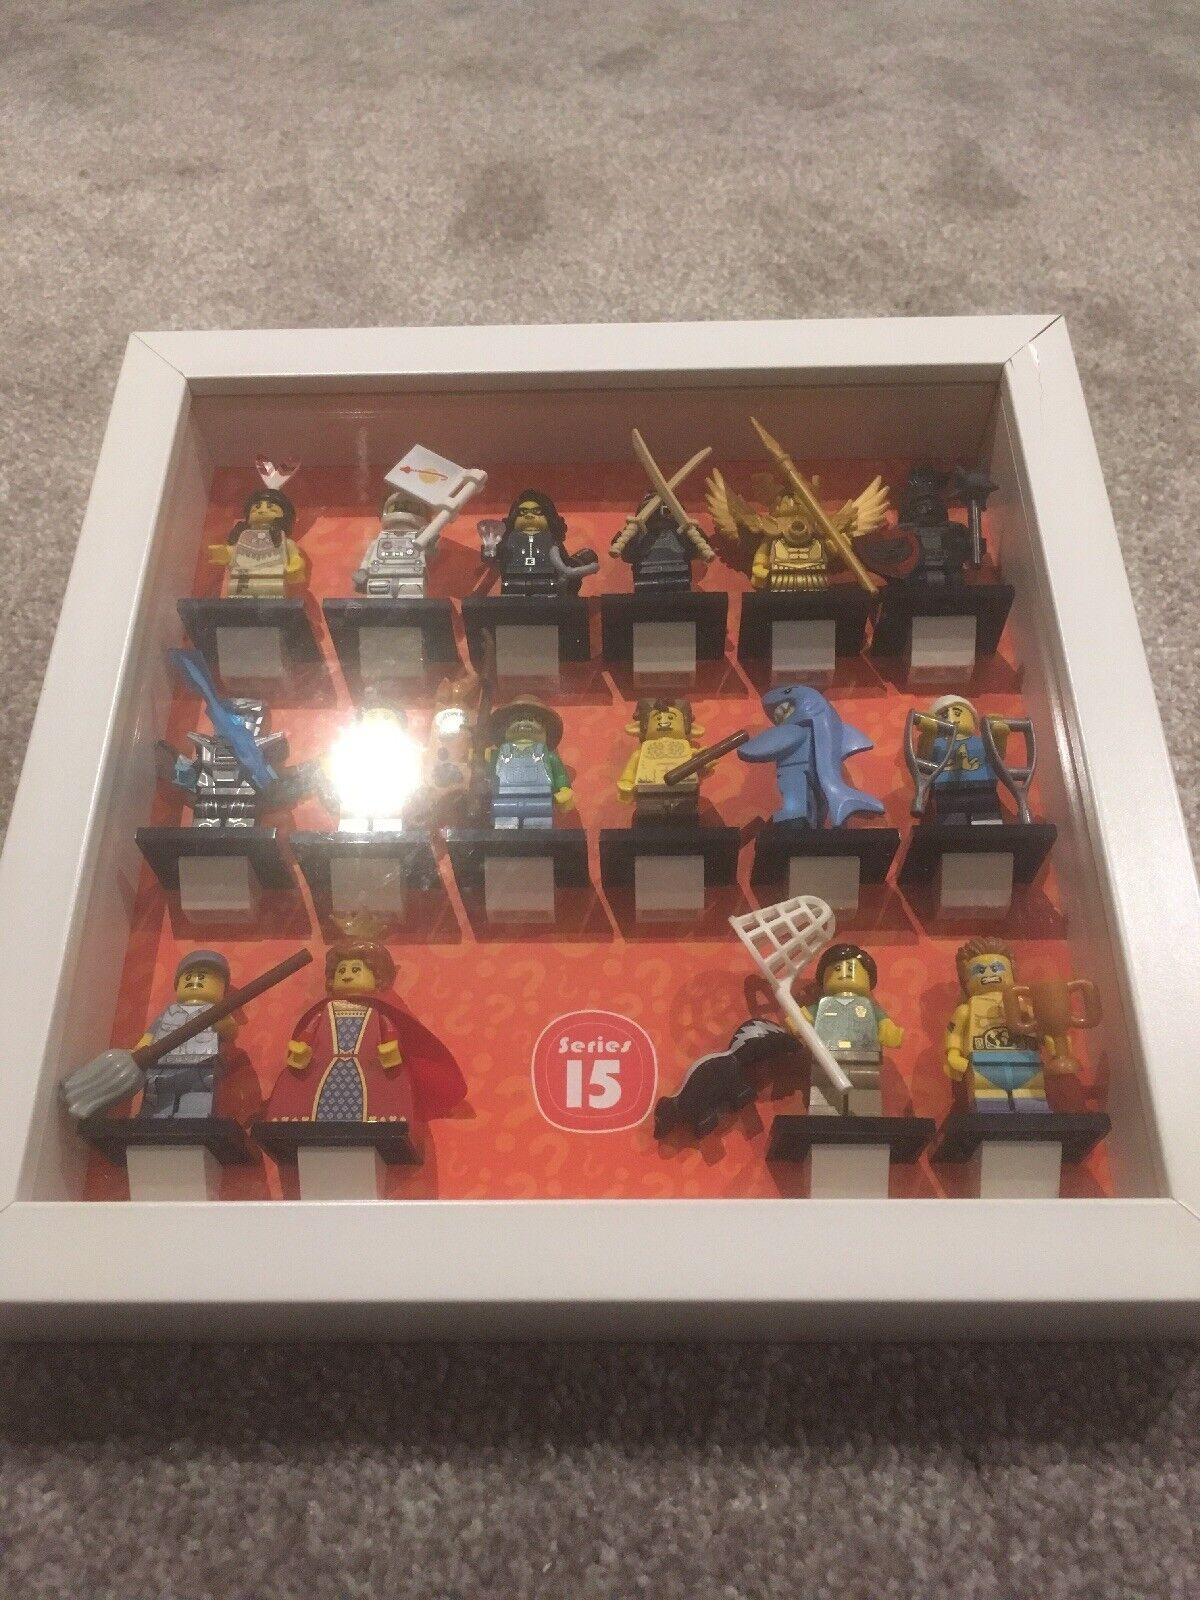 Lego minifigures reihe 15 komplett vom hervorragenden zustand im rahmen